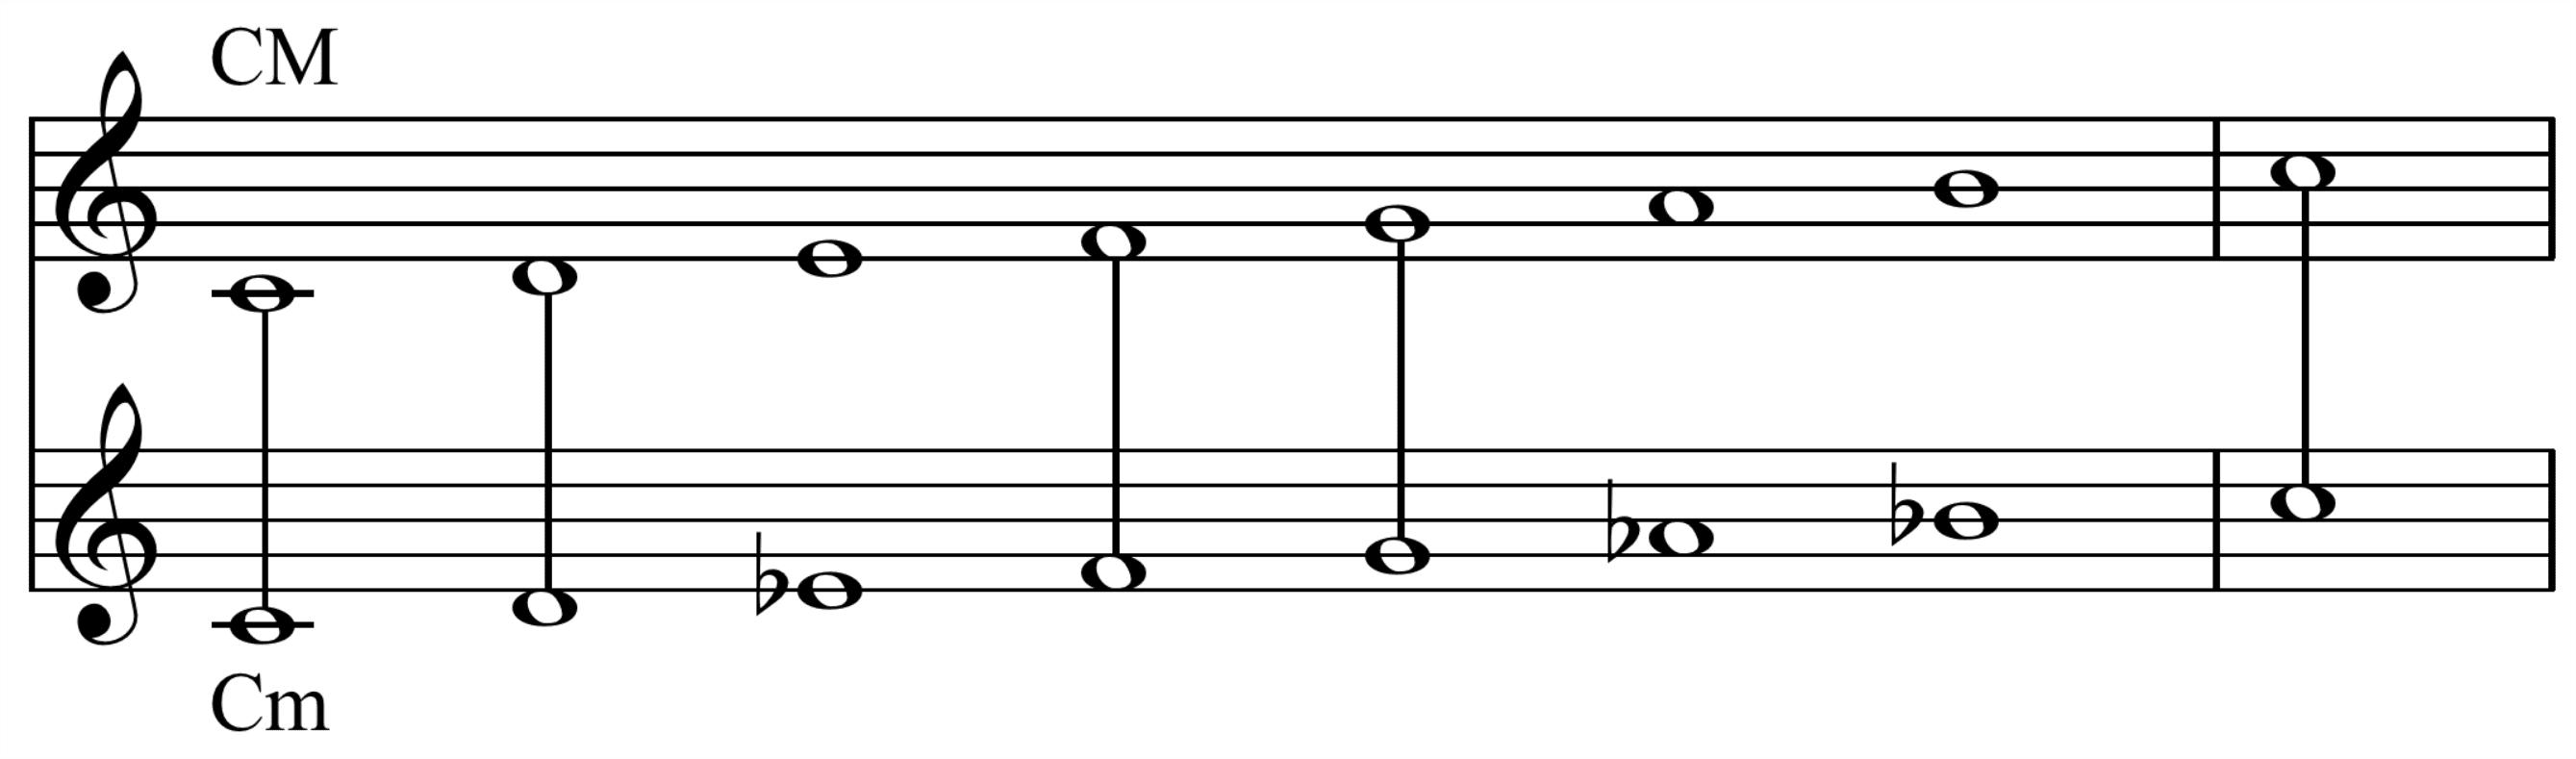 How To Write Songs In Minor Keys Tutorial